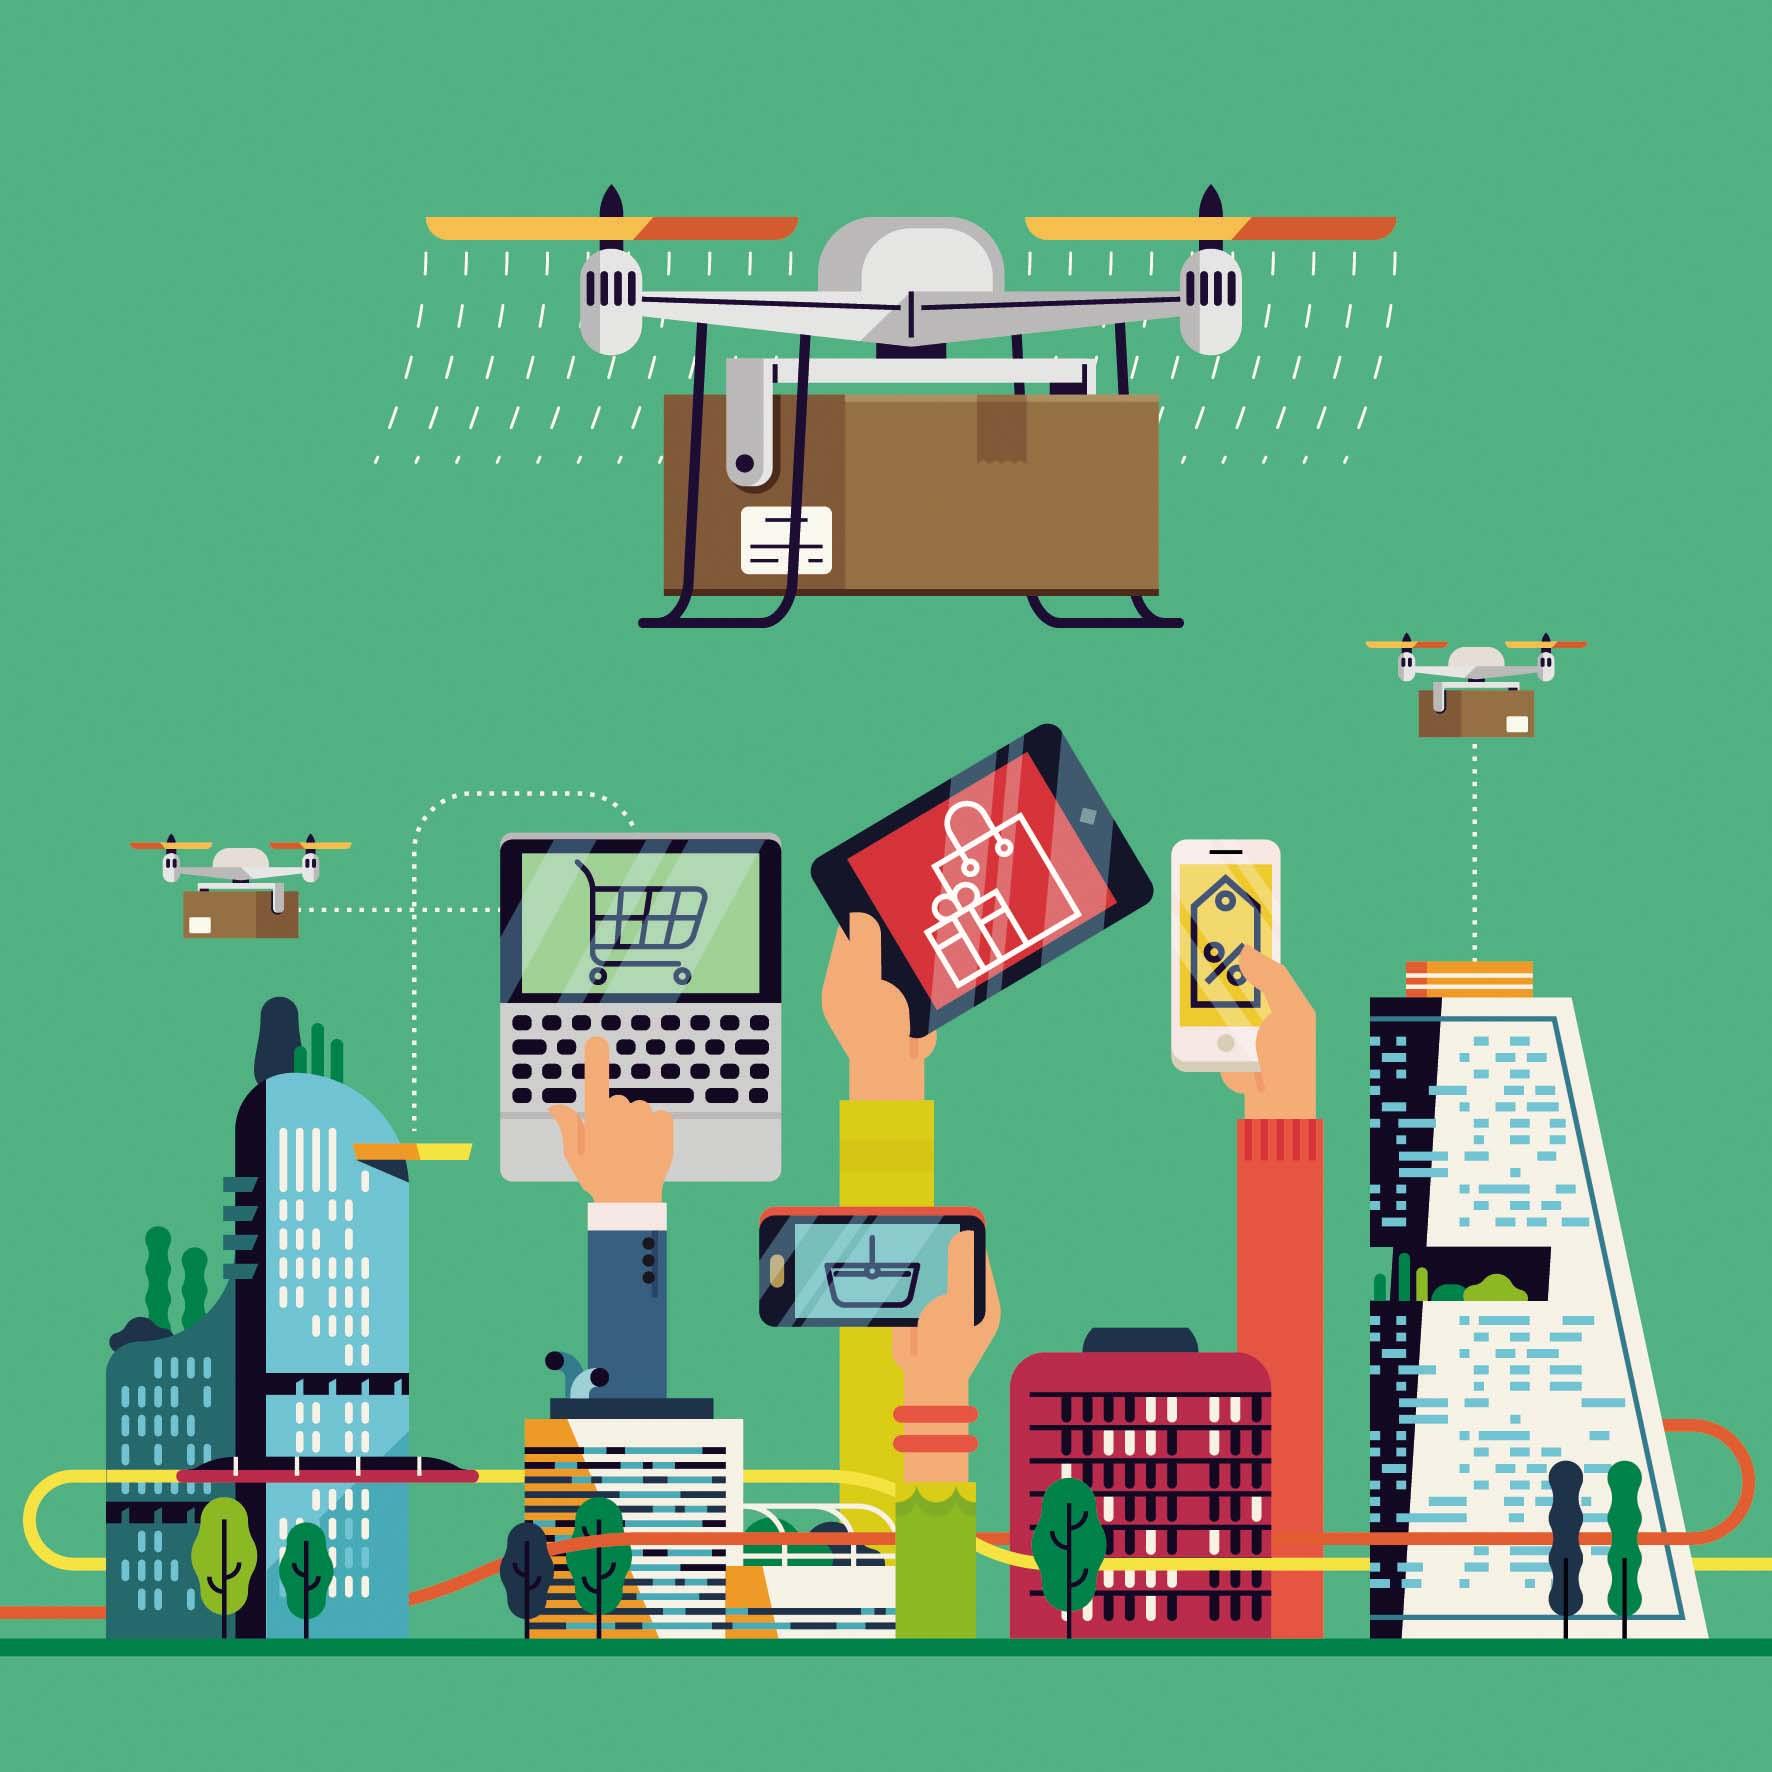 Un monde à venir d'innovations en tous genres, où il faudra se faire une place…